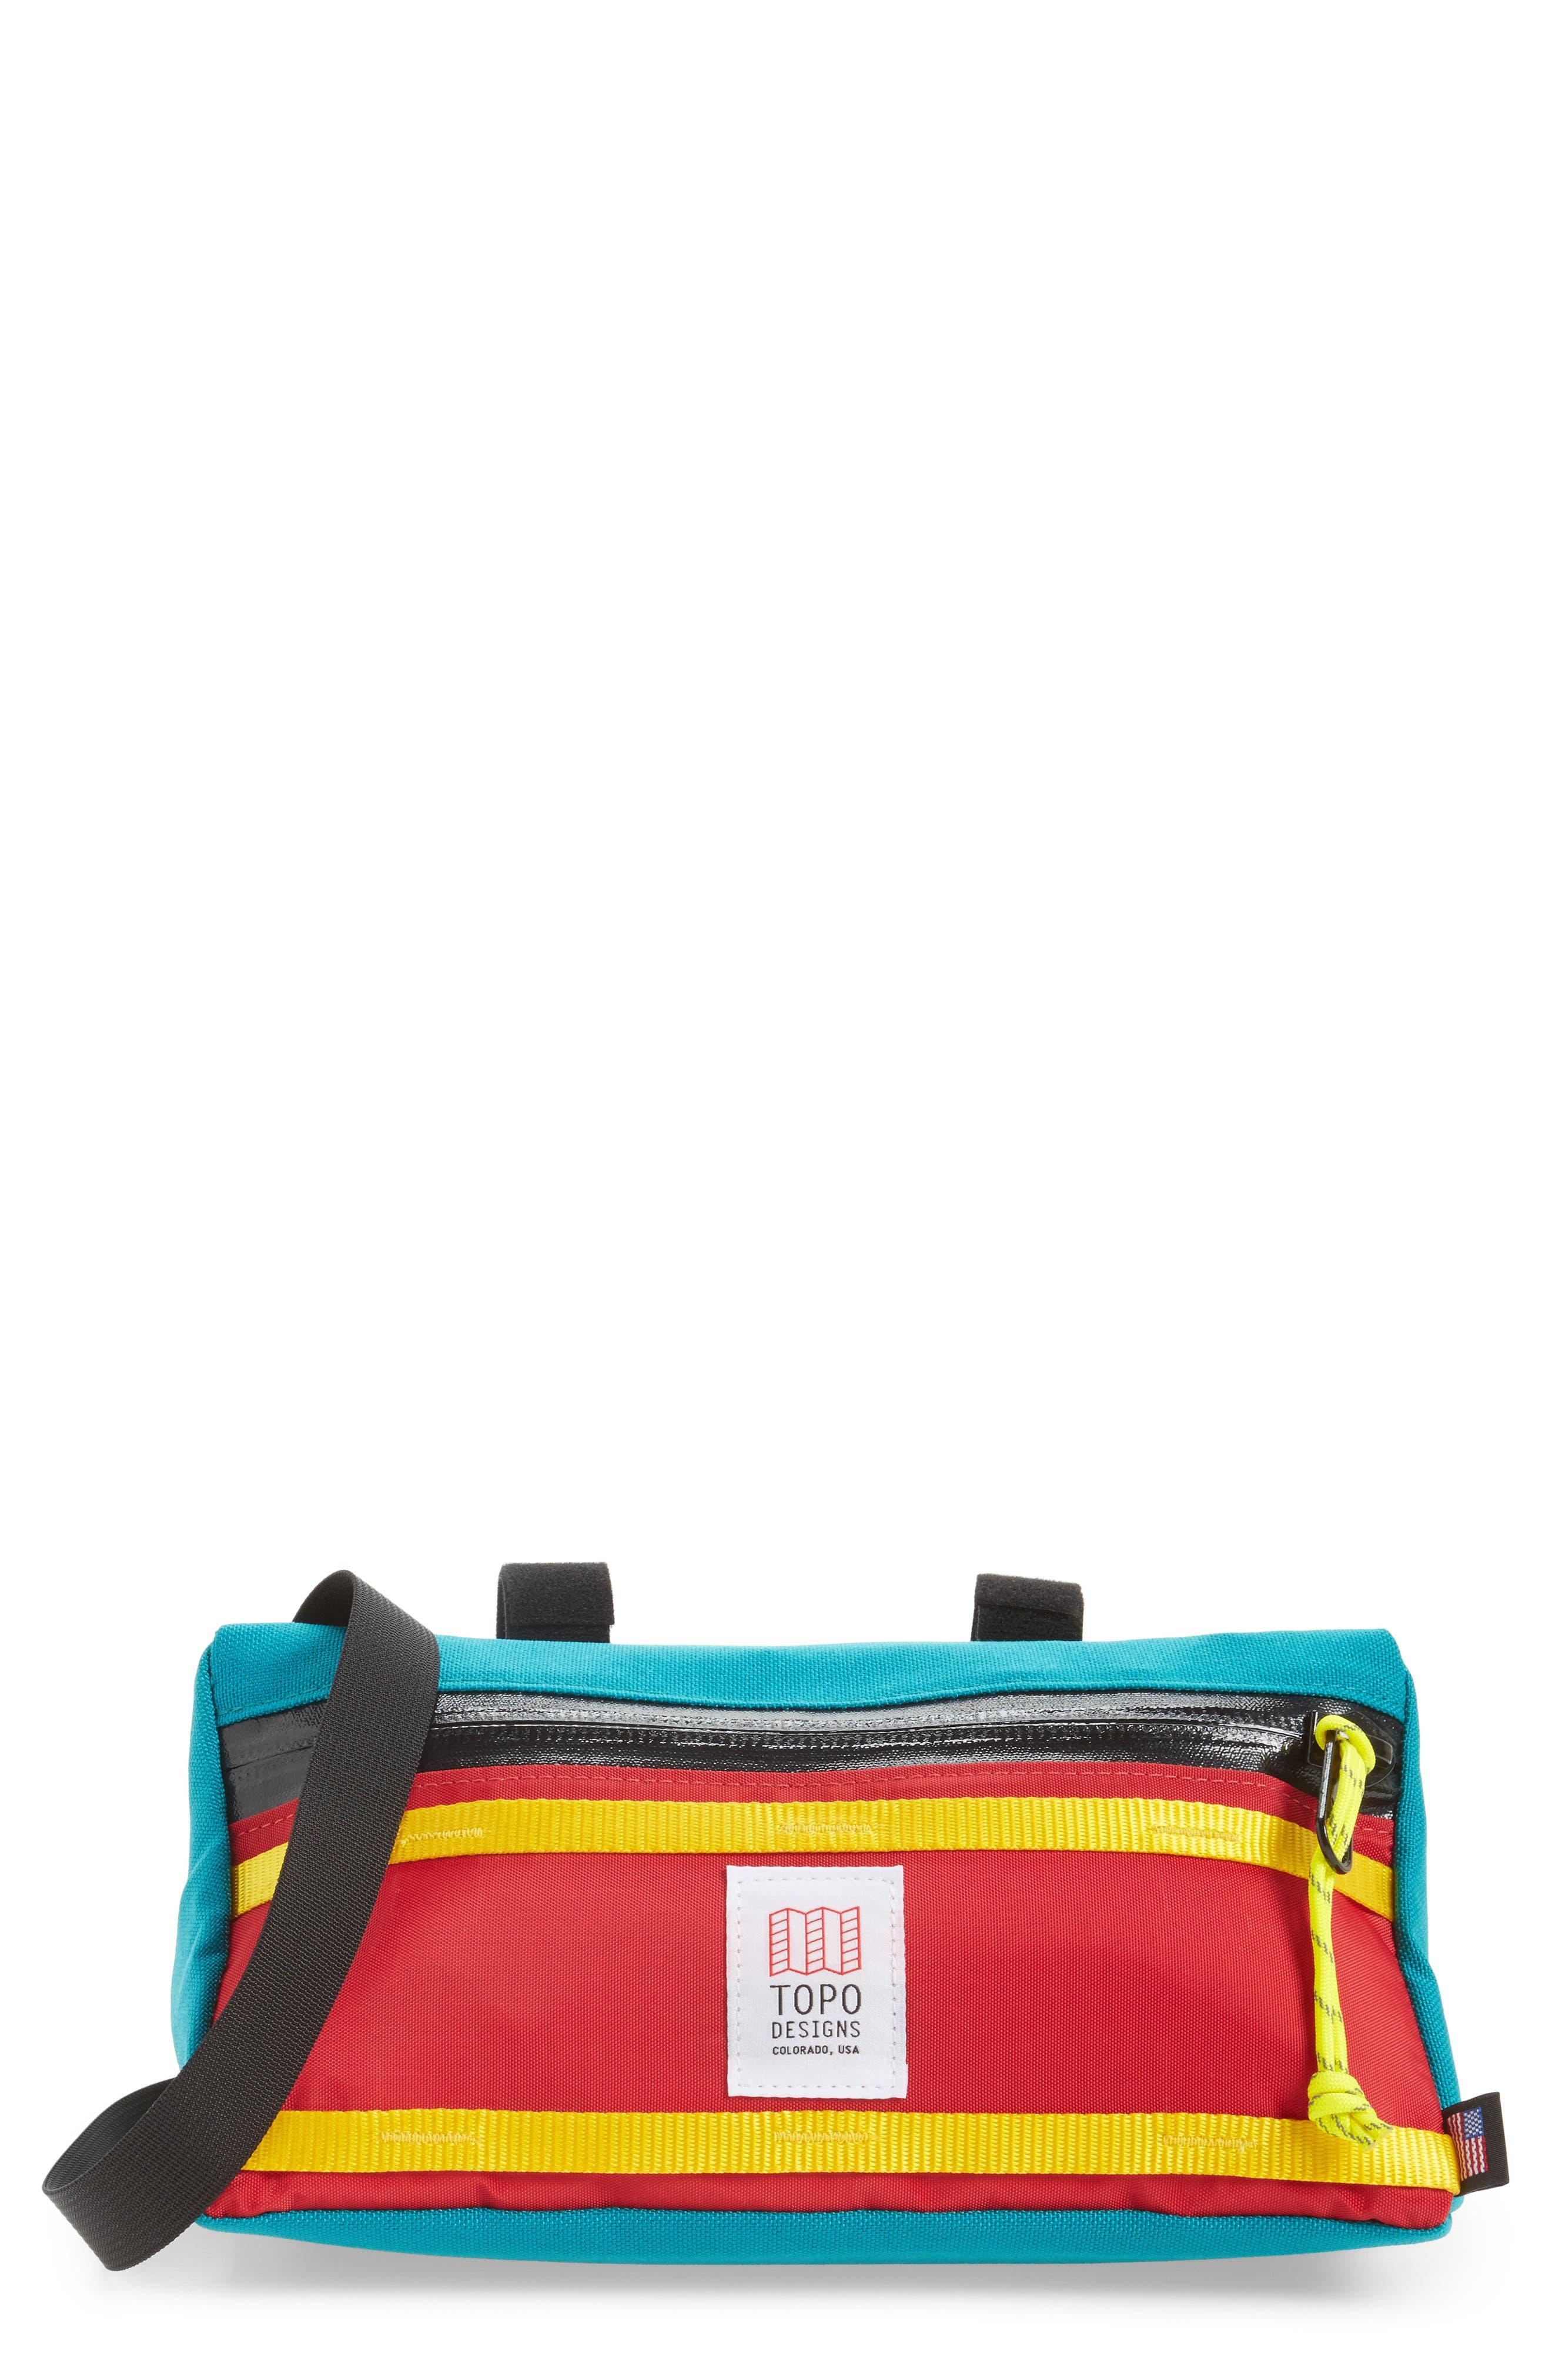 Main Image - Topo Designs Bike Bag